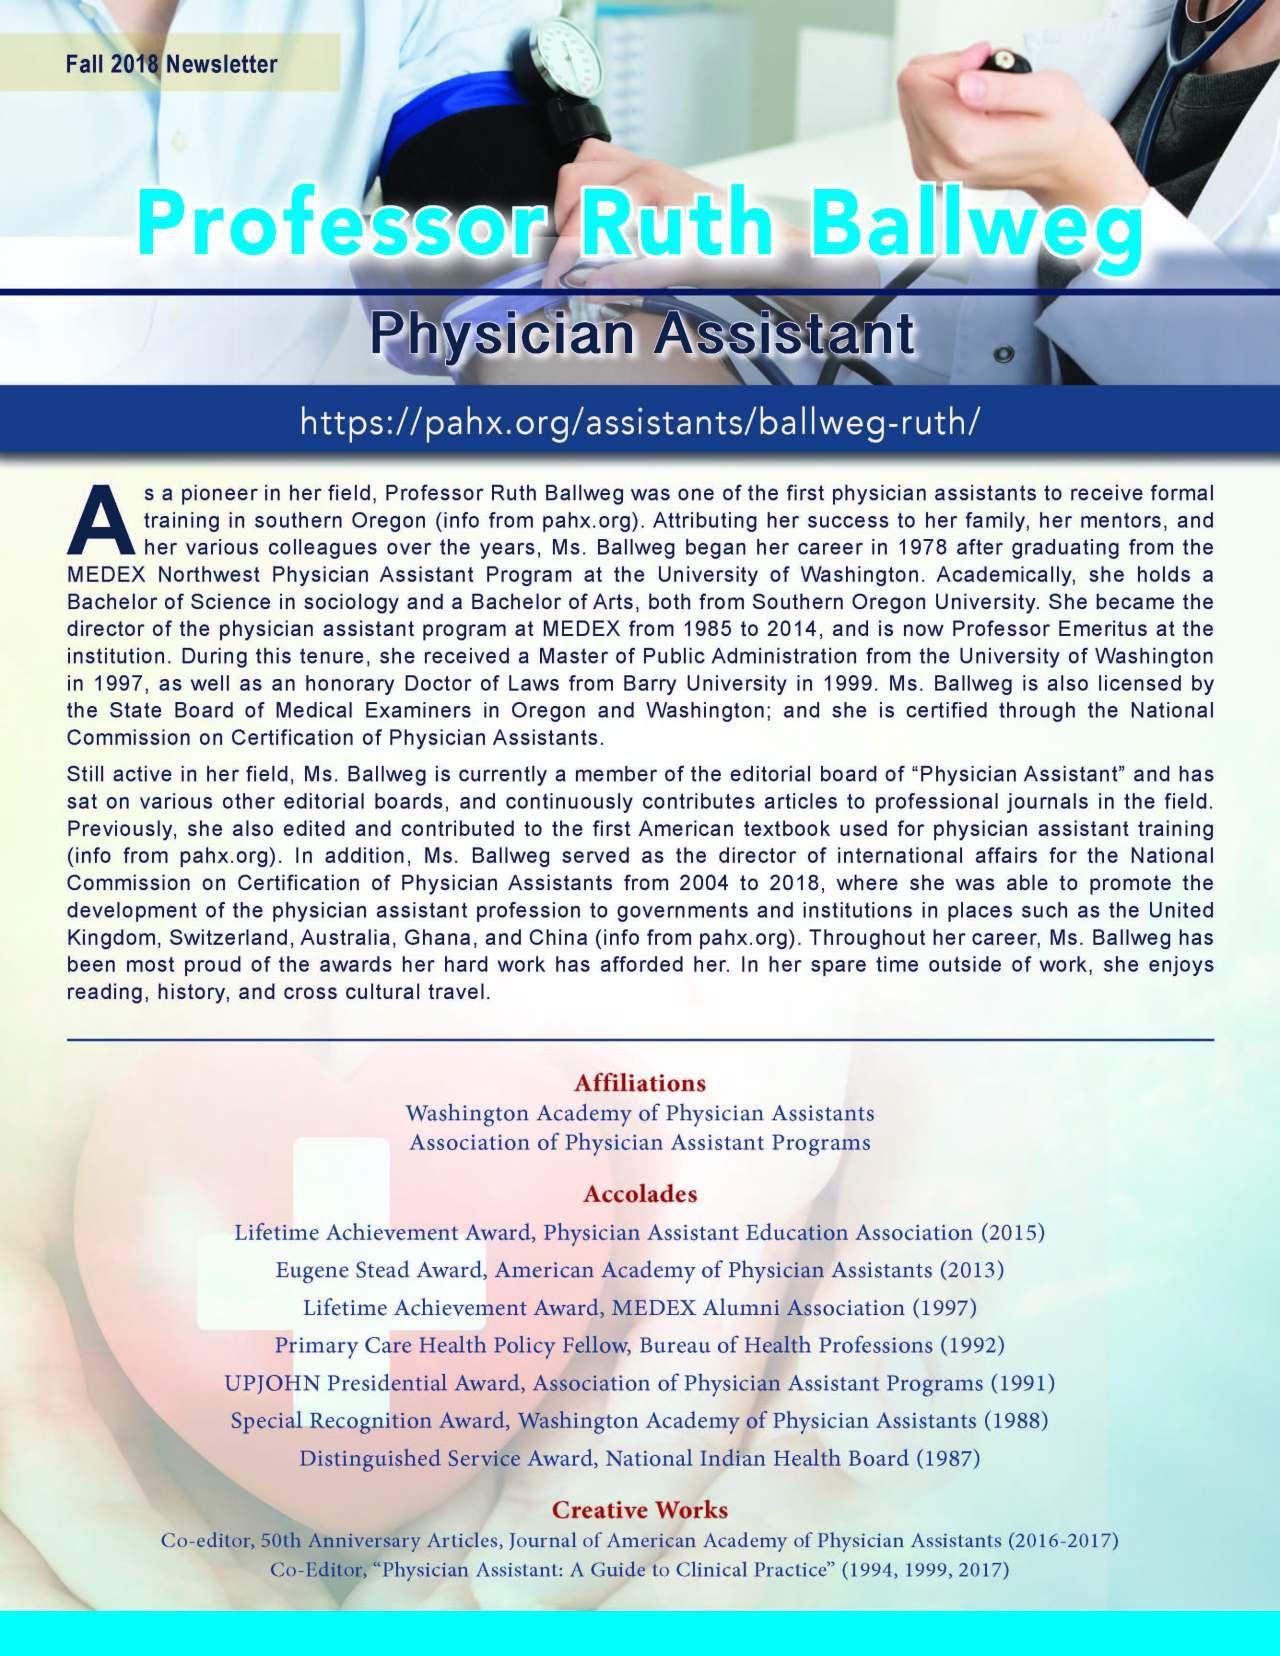 Ballweg, Ruth_3965303_25755787 Newsletter.jpg